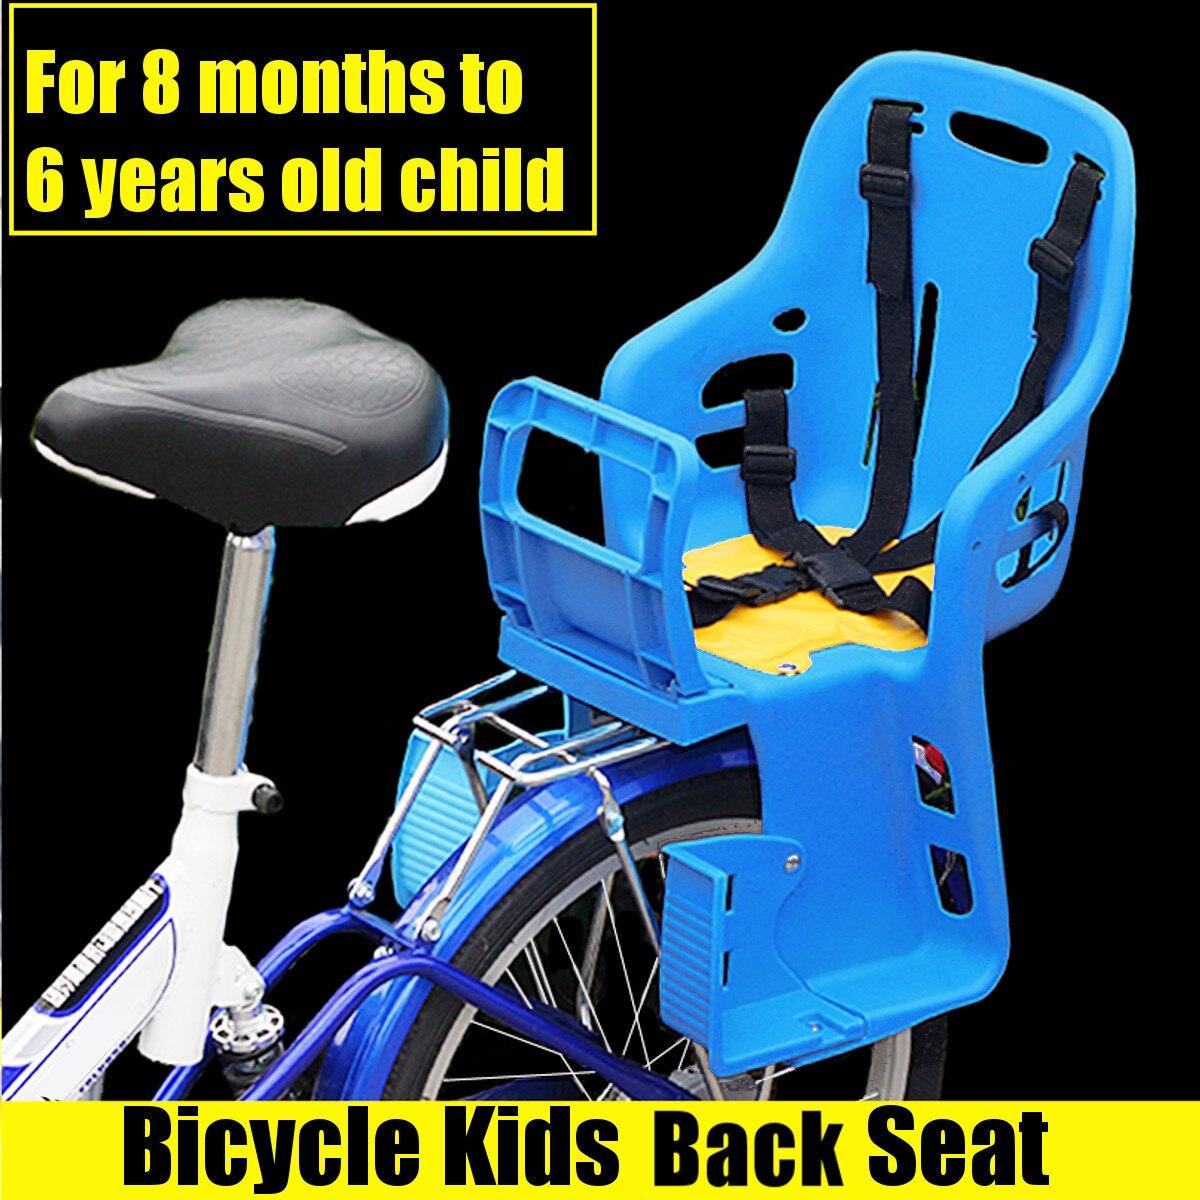 Bonne Qualité Enfants Sécurité Vélo Siège Arrière Siège Tapis Enfant Vélo Selle Voyager Vélo Chaise Avec Coussin Accoudoir Arrière Repose-pieds